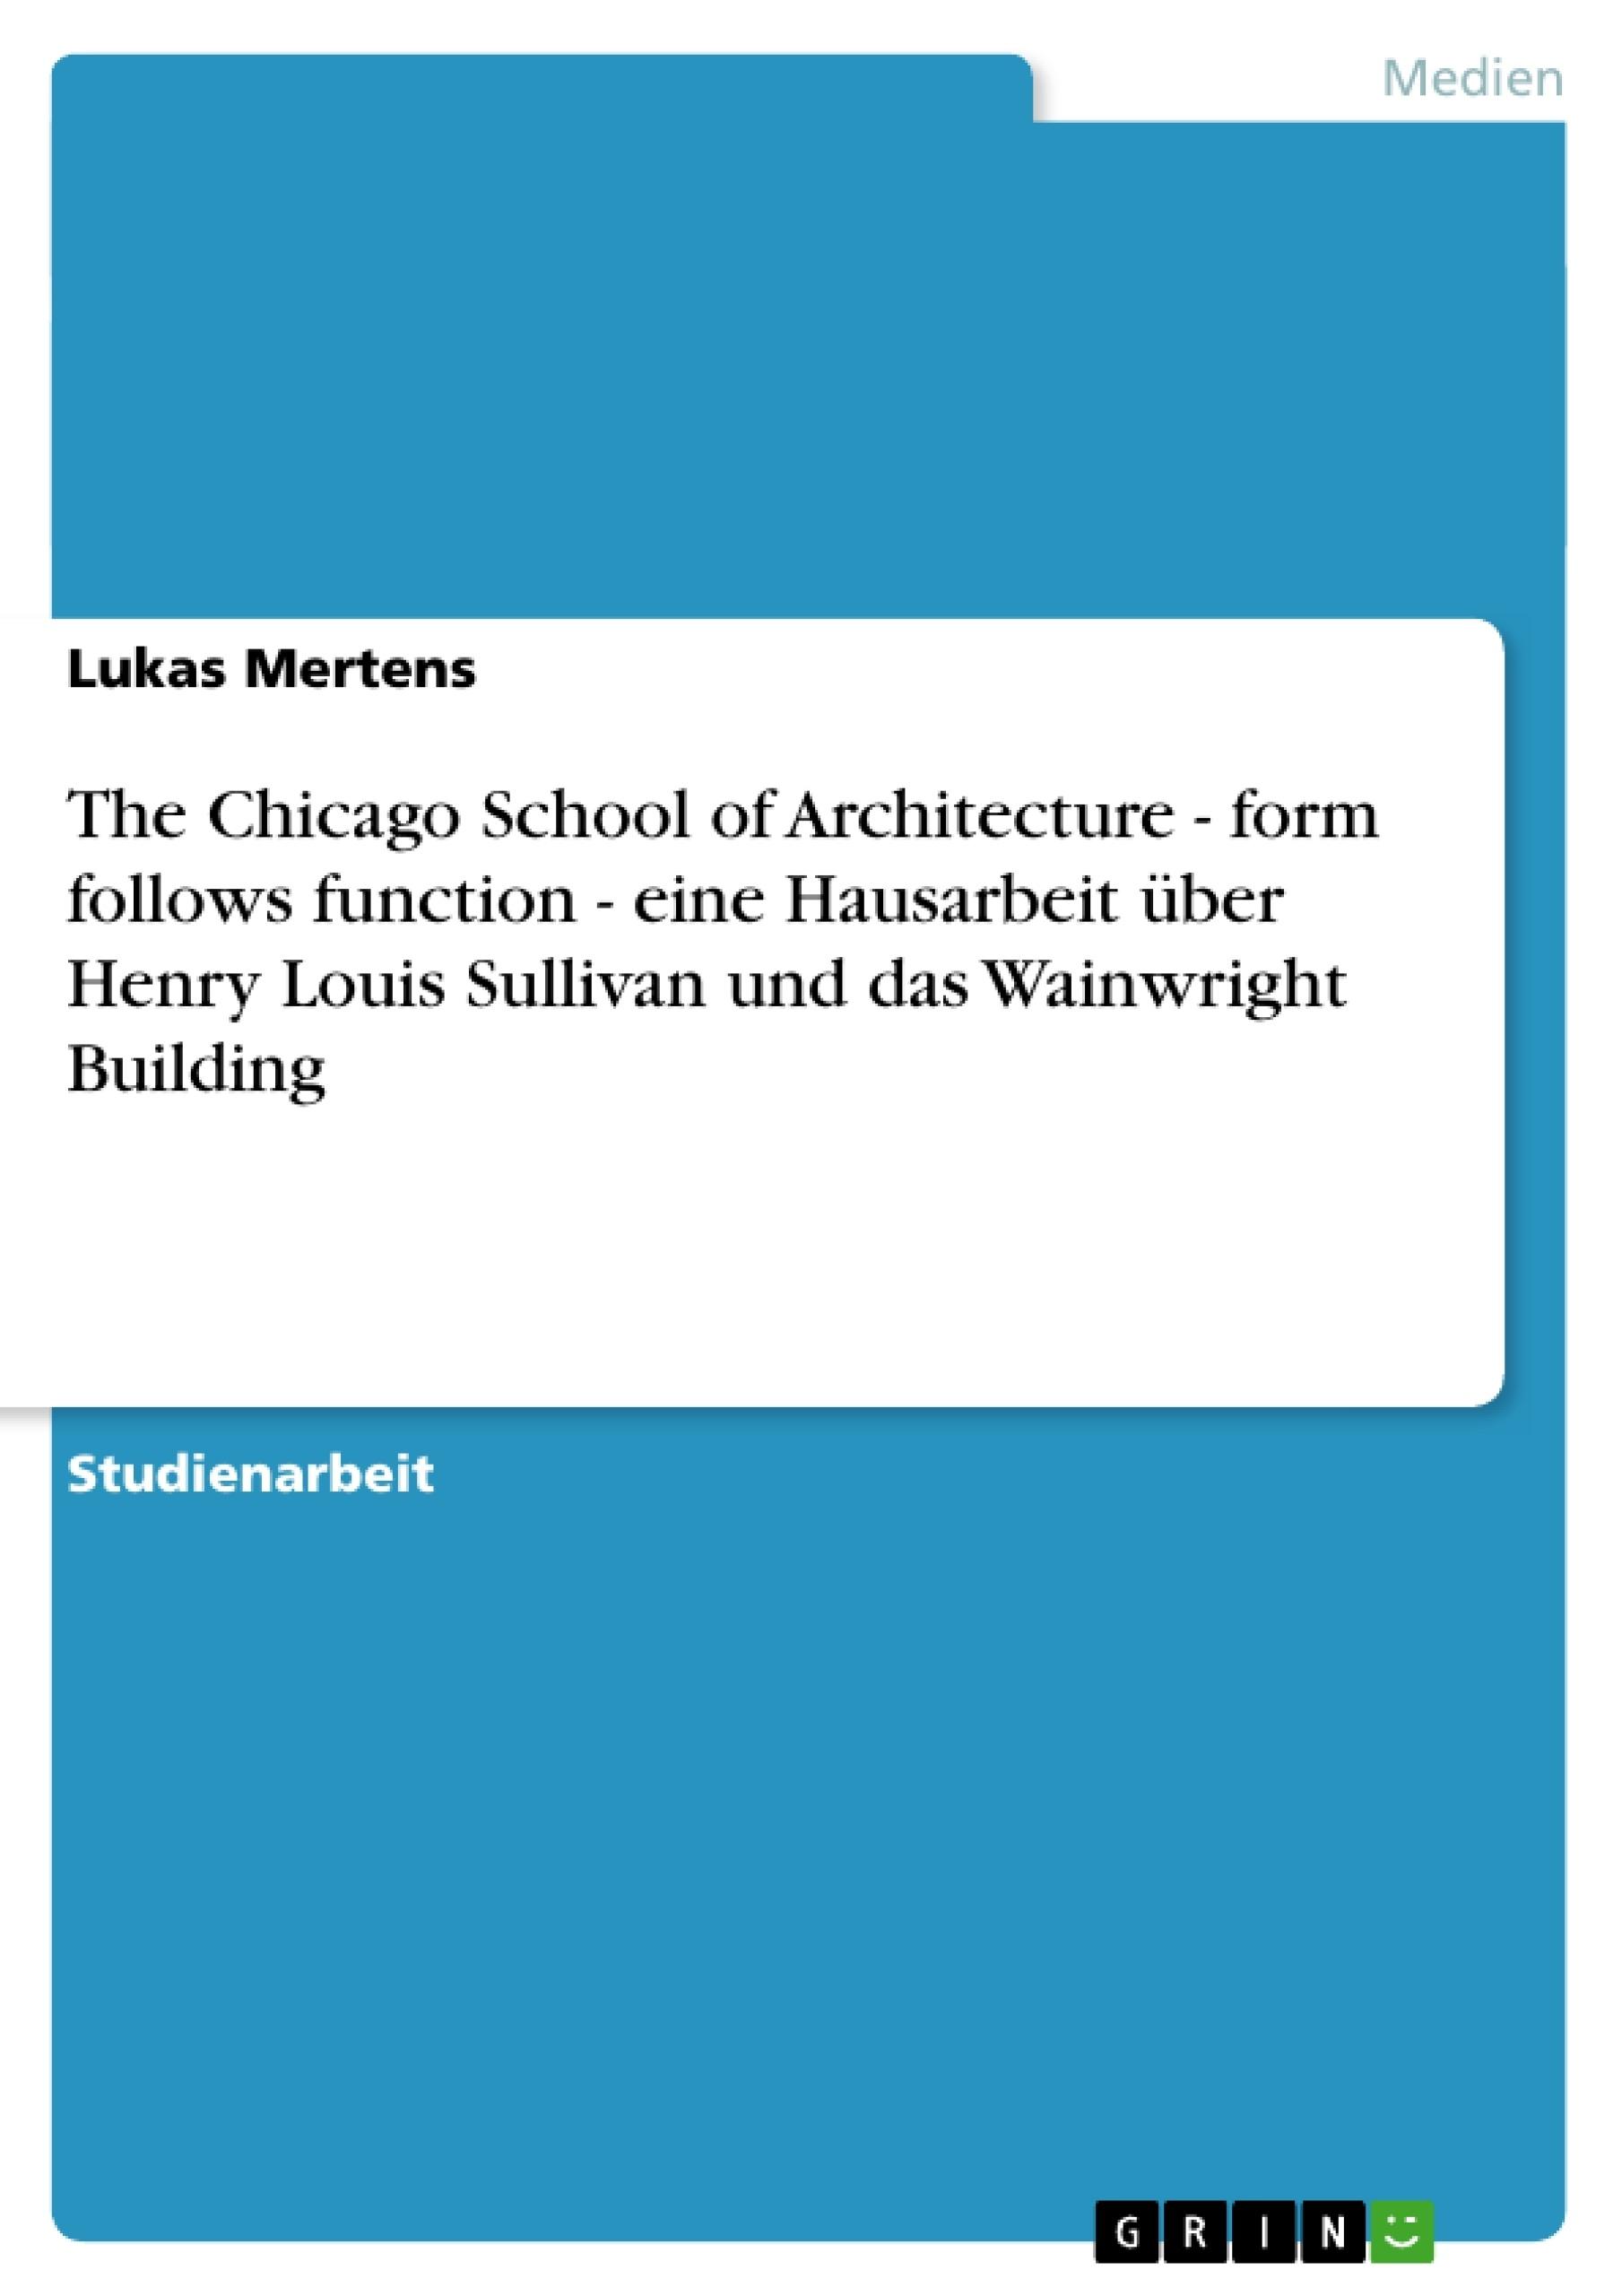 Titel: The Chicago School of Architecture - form follows function - eine Hausarbeit über Henry Louis Sullivan und das Wainwright Building